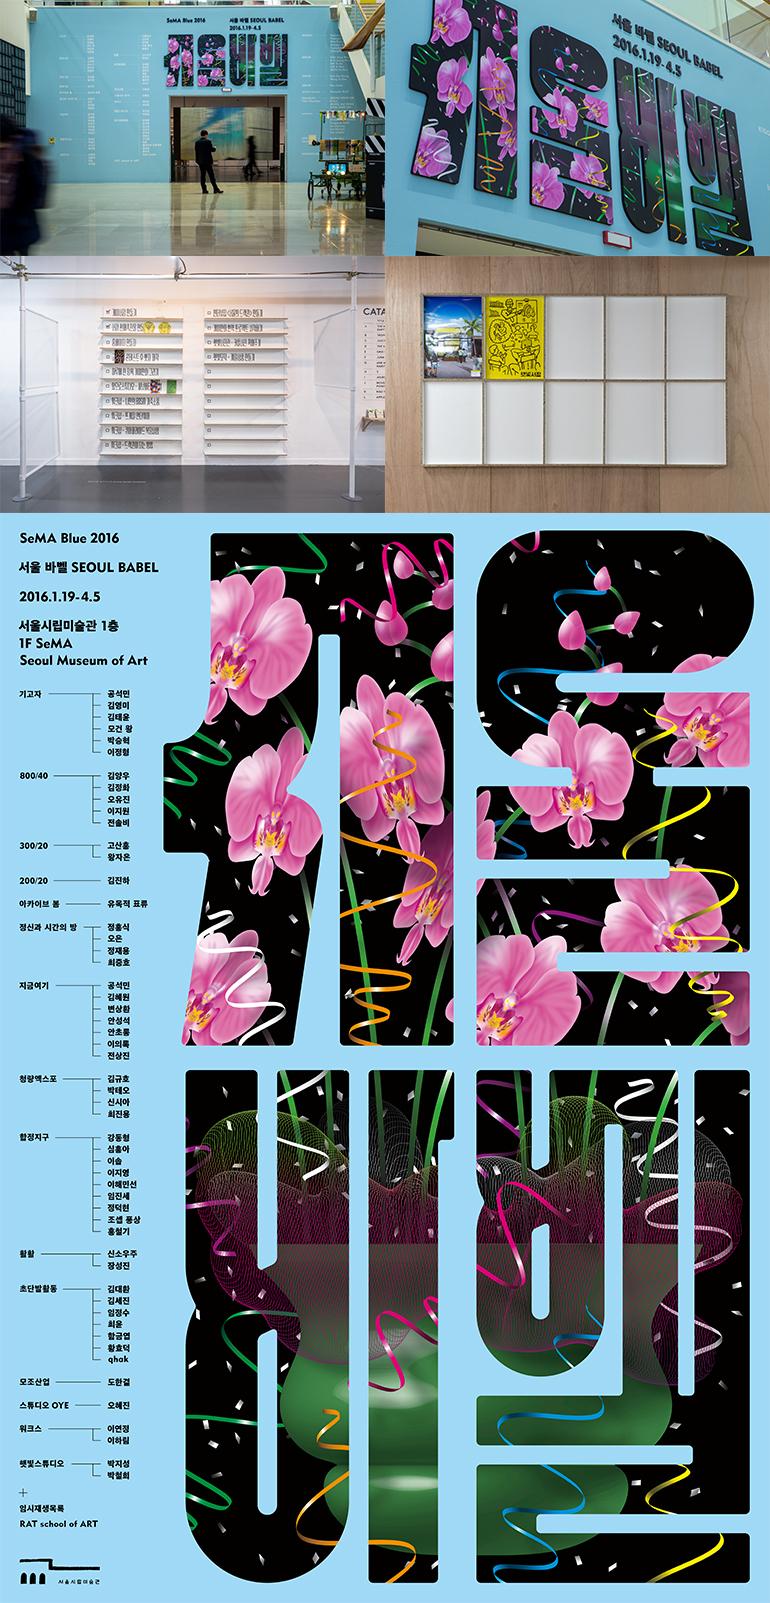 서울 바벨(서울시립미술관 2016 SeMA Blue), 미디어 : 전시디자인(전시 아이덴티티 및 전시작가로 참여), 2016